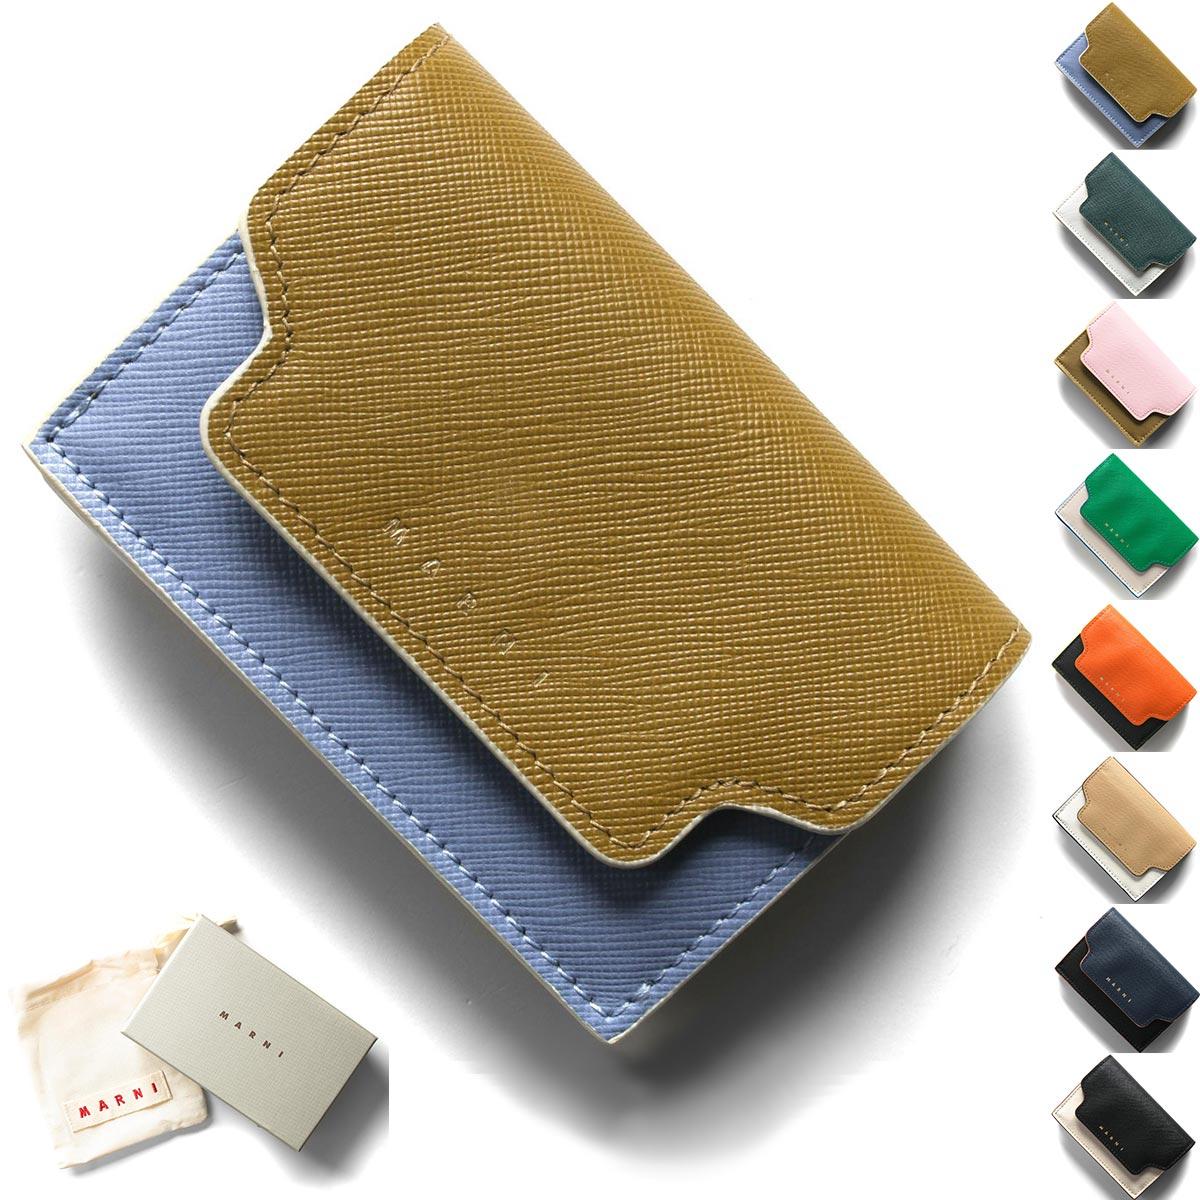 マルニ 三つ折り財布/ミニ財布 財布 レディース サフィアーノ PFMOW02U09 LV520 2020年春夏新作 MARNI